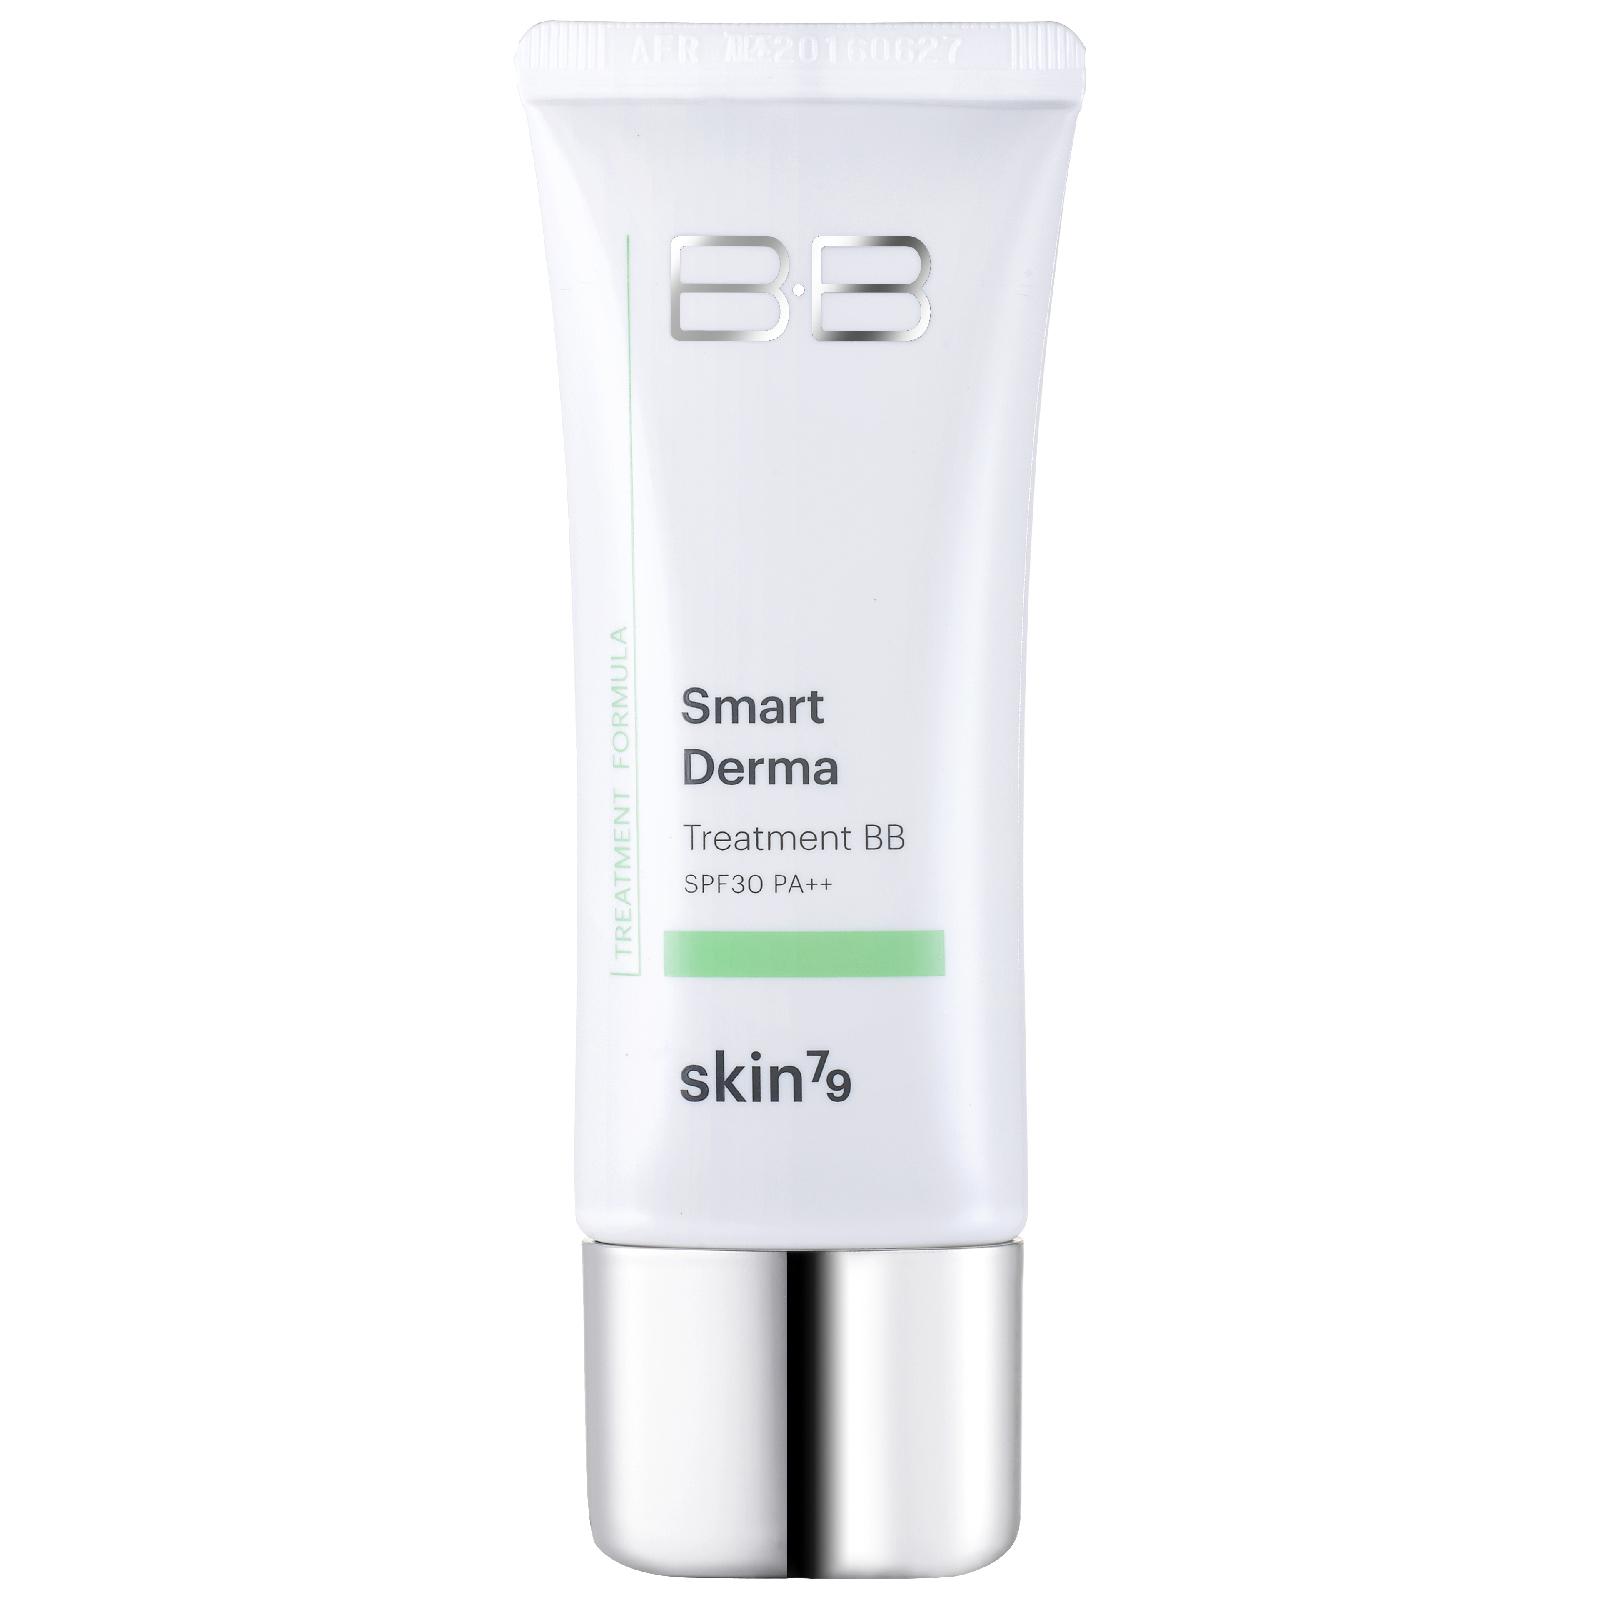 Skin79 Smart Derma Mild Bb Cream T Treatment Spf30 Pa 40ml Skin Aqua Uv Moisture Gel 40g Spf 30 Description